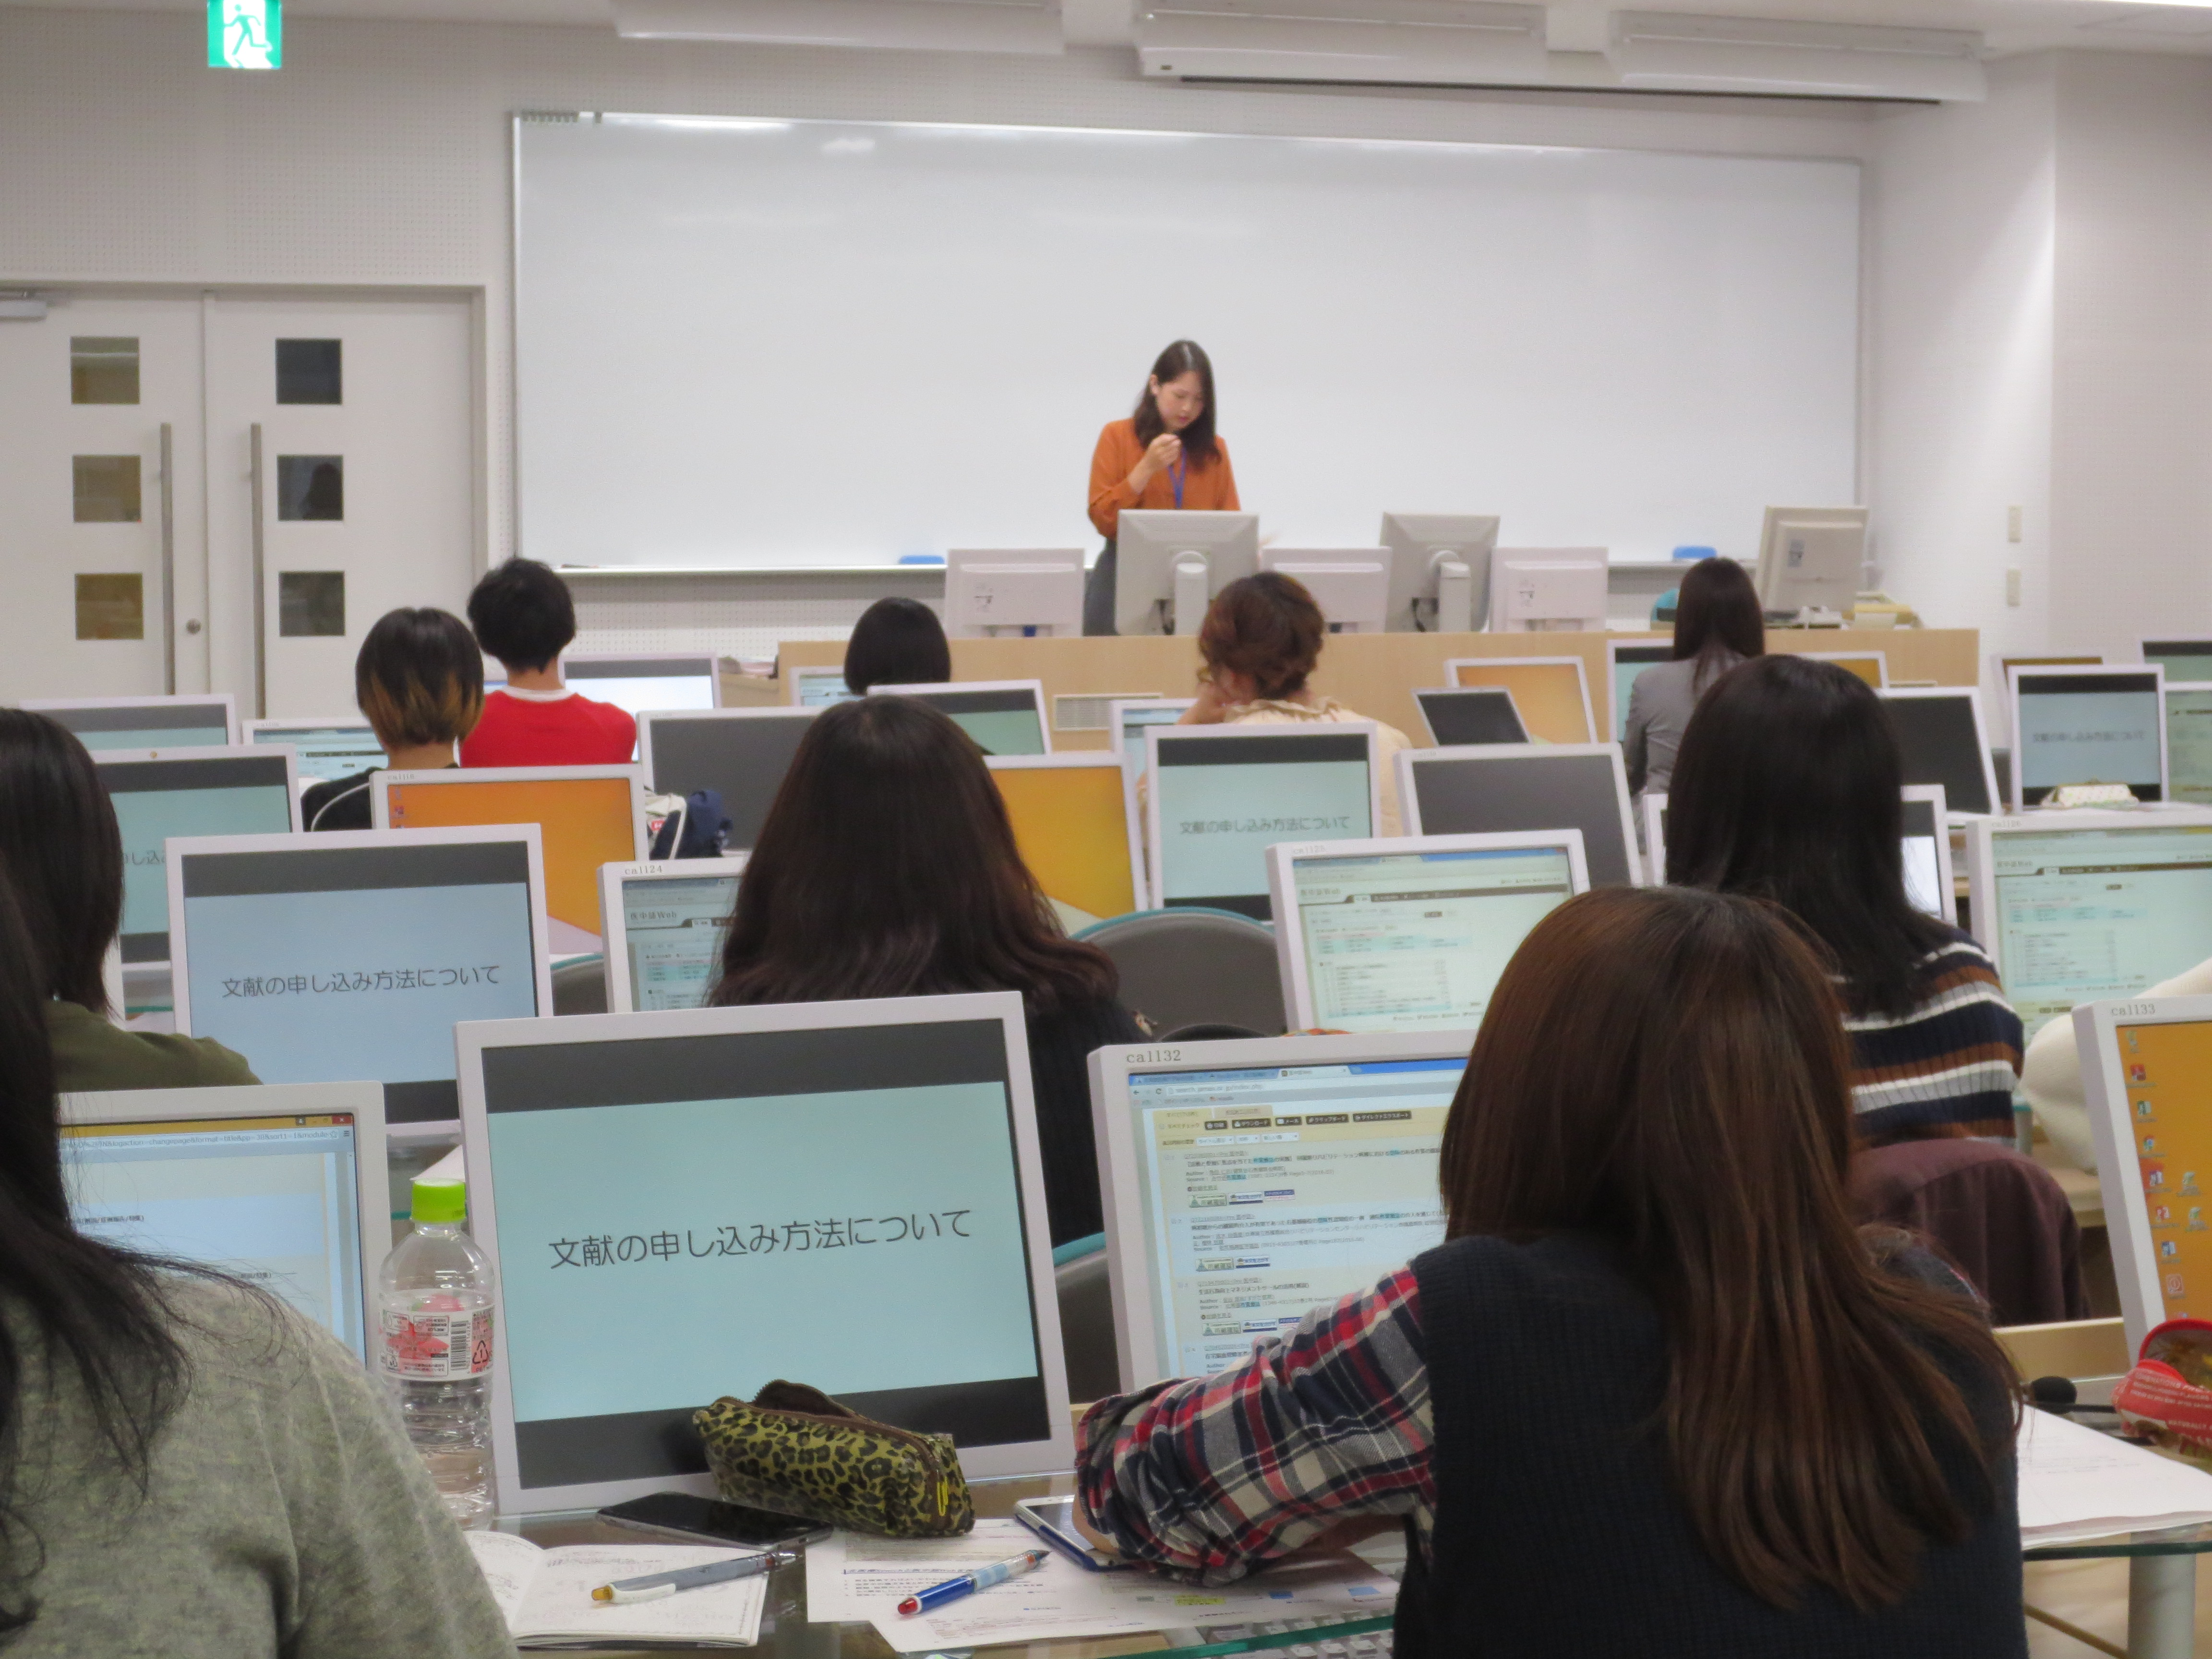 【開催報告】卒業研究のための情報検索講習会